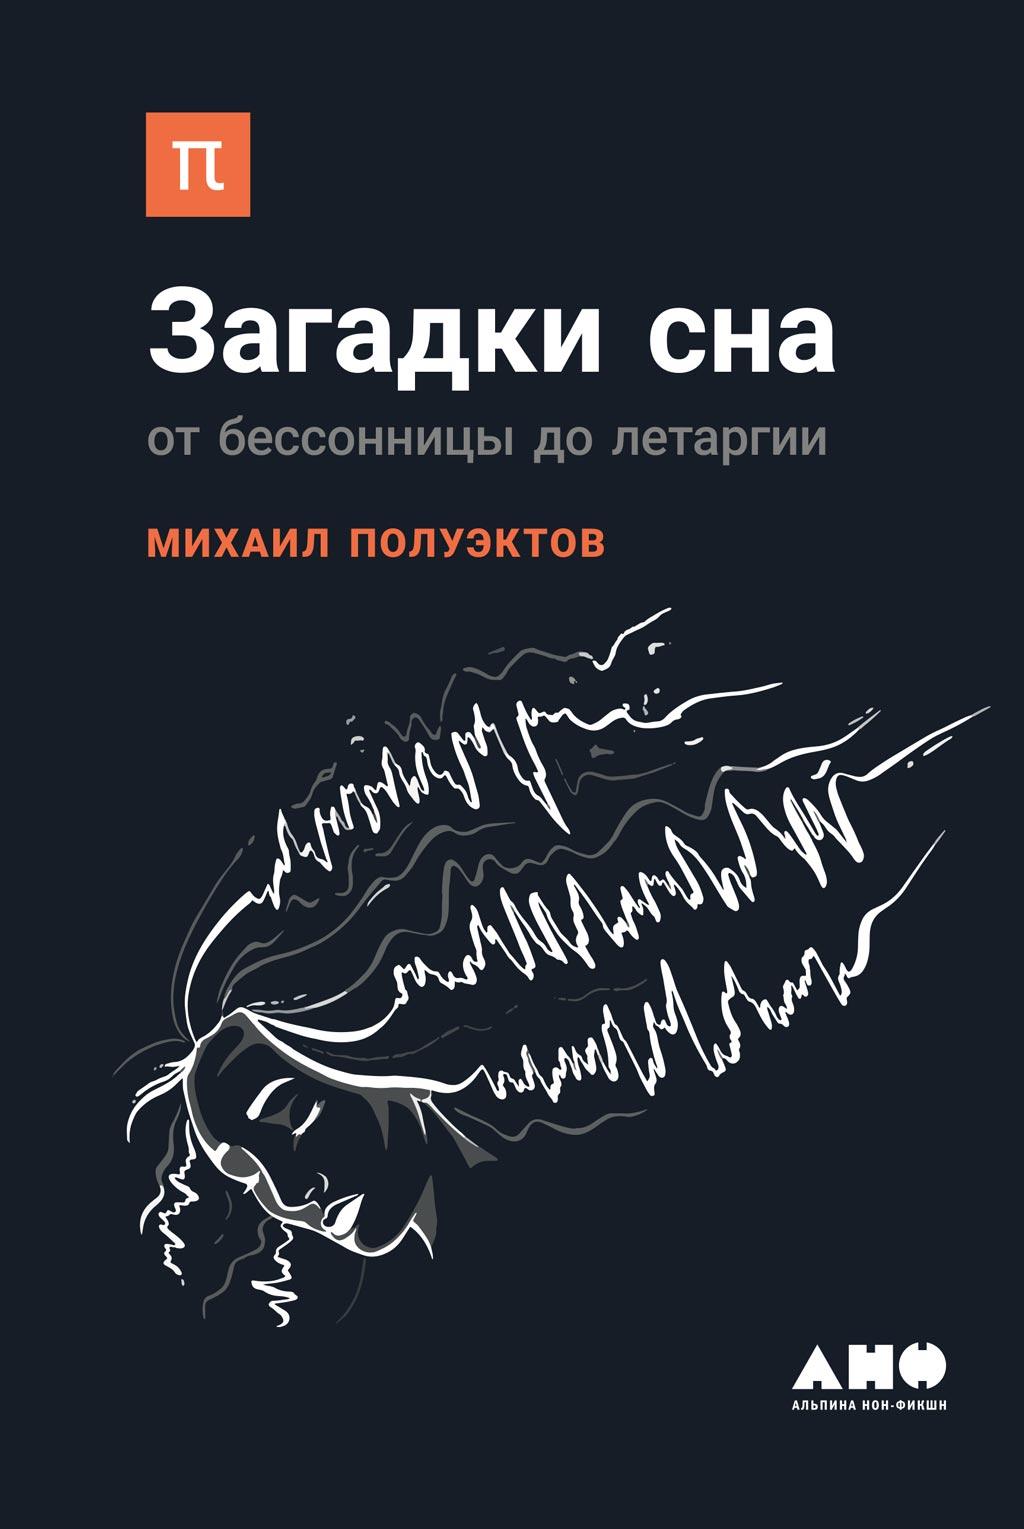 Михаил Полуэктов Загадки сна